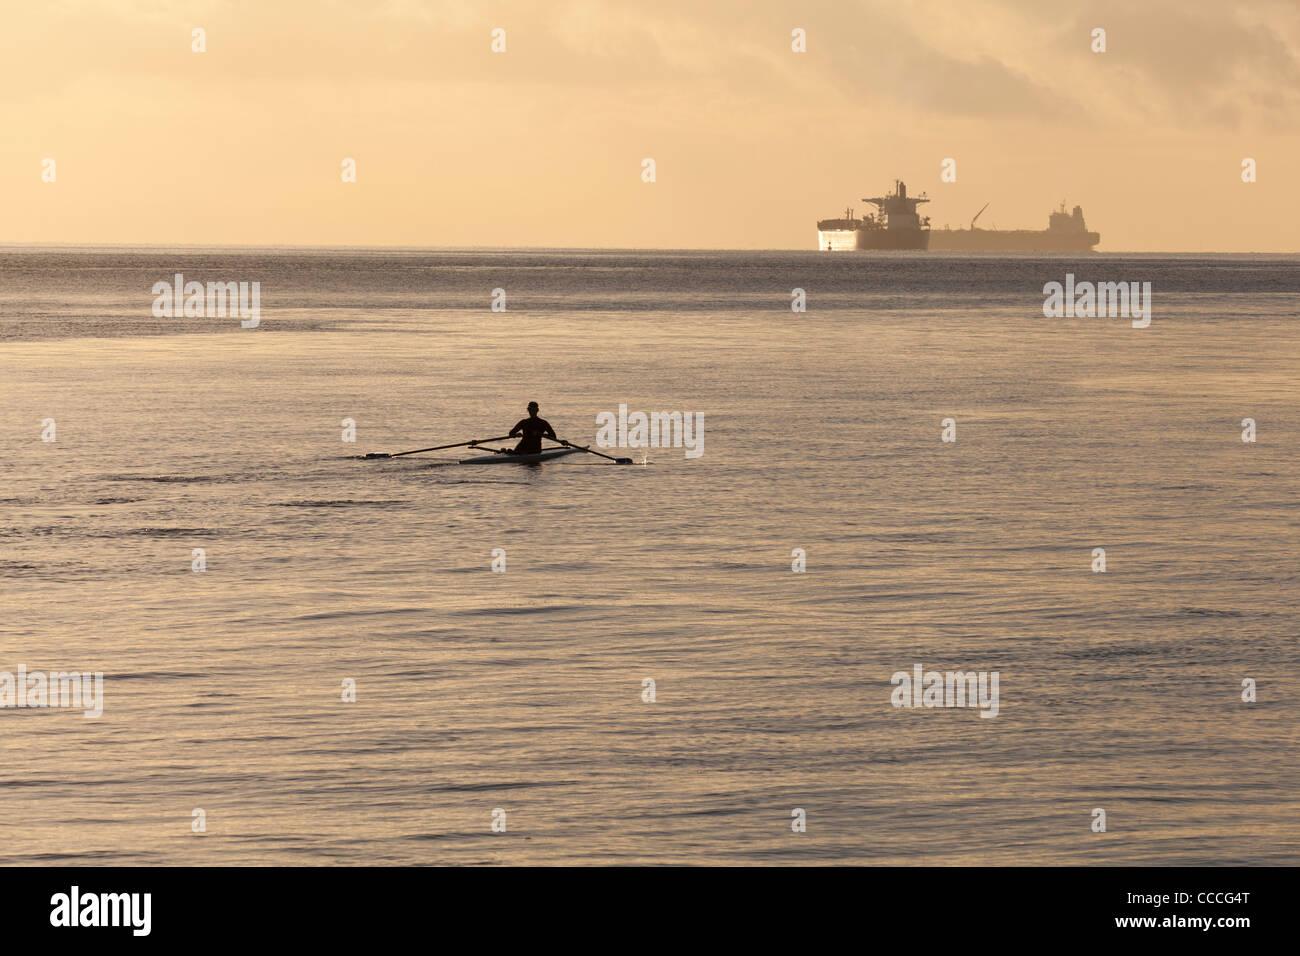 Un vogatore in un unica barca scull Immagini Stock